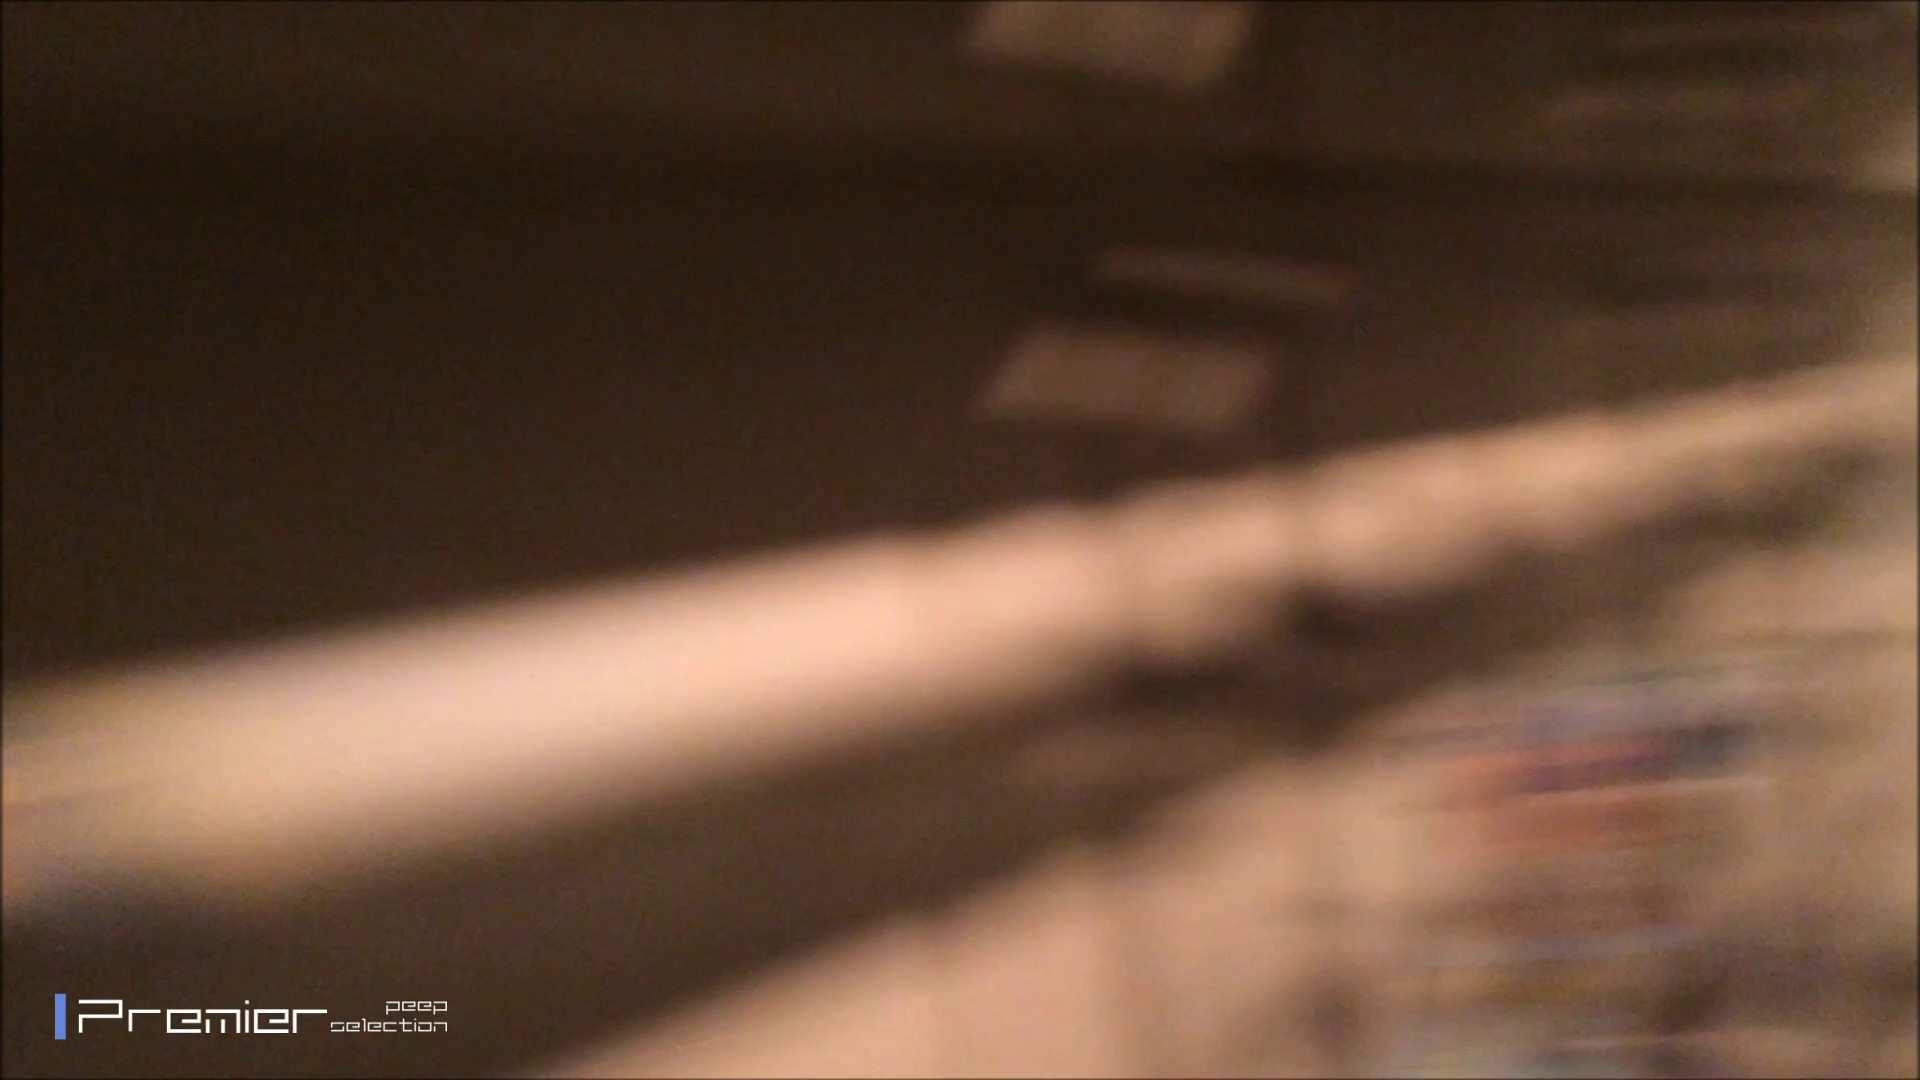 高画質フルハイビジョン スレンダー美女の入浴 乙女の風呂場 Vol.04 ギャル  57PIX 9